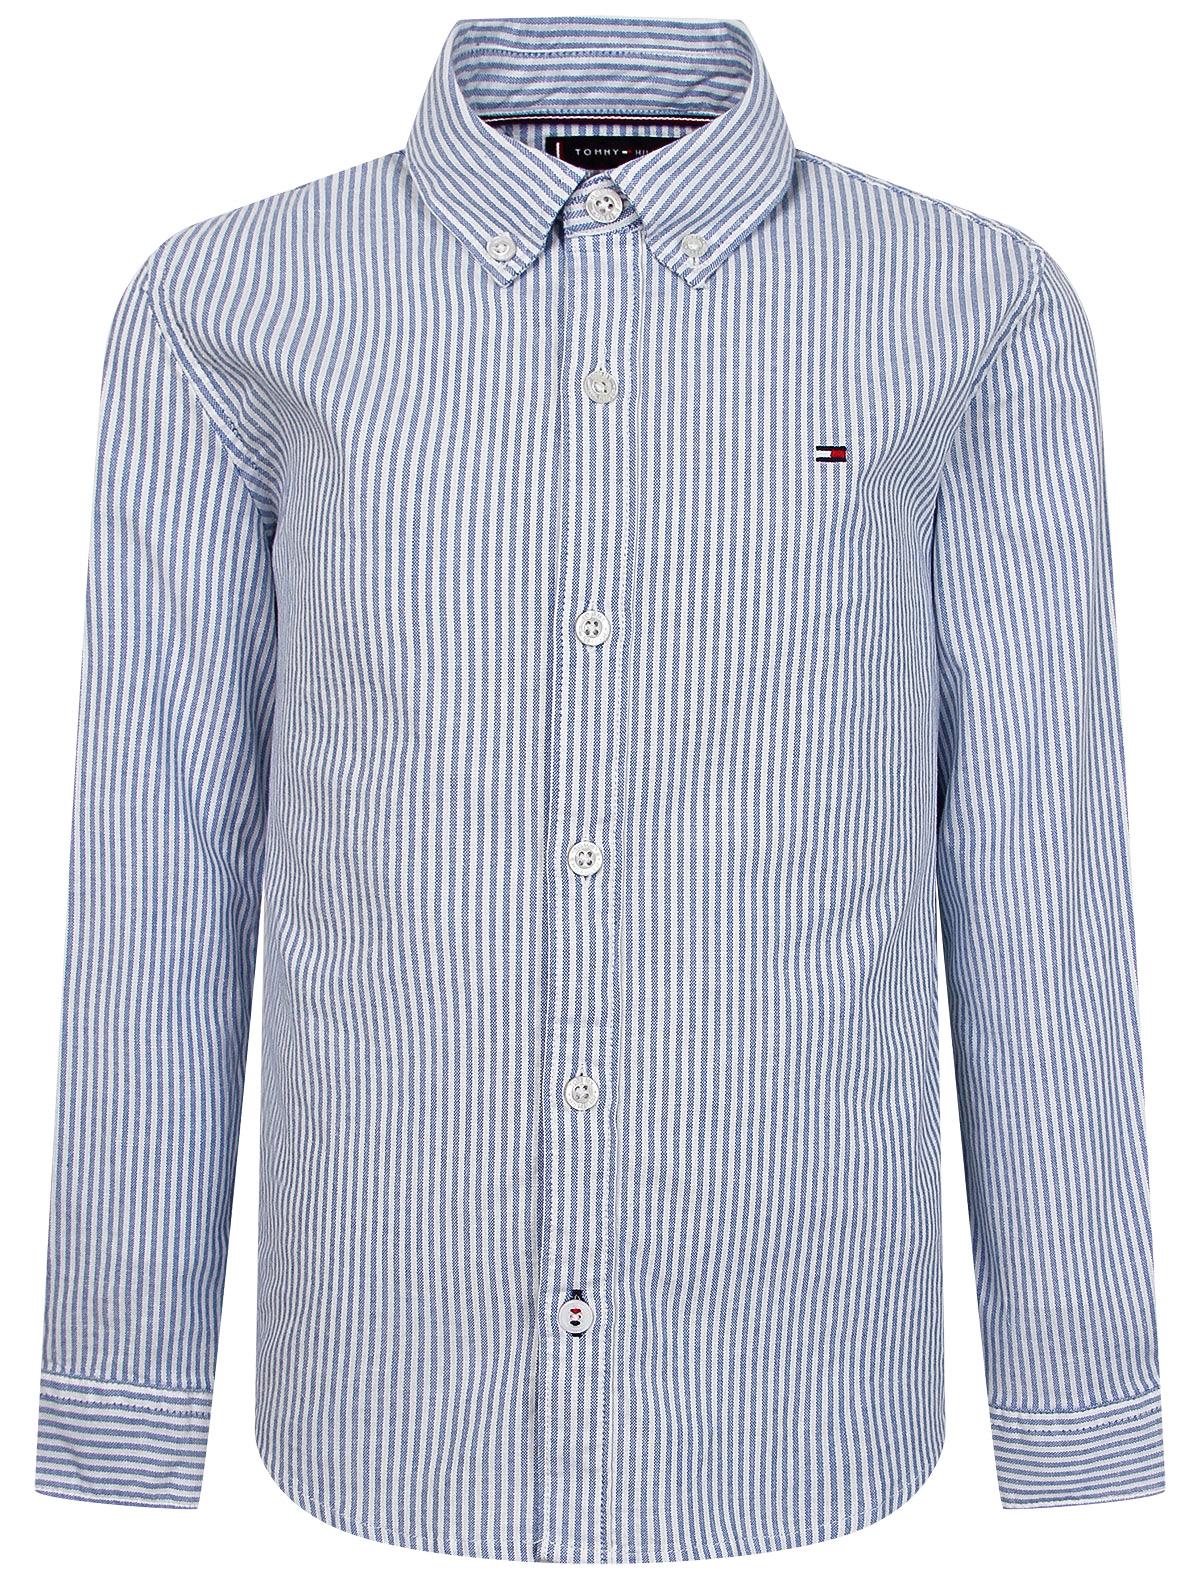 2312968, Рубашка TOMMY HILFIGER, голубой, Мужской, 1014519172980  - купить со скидкой